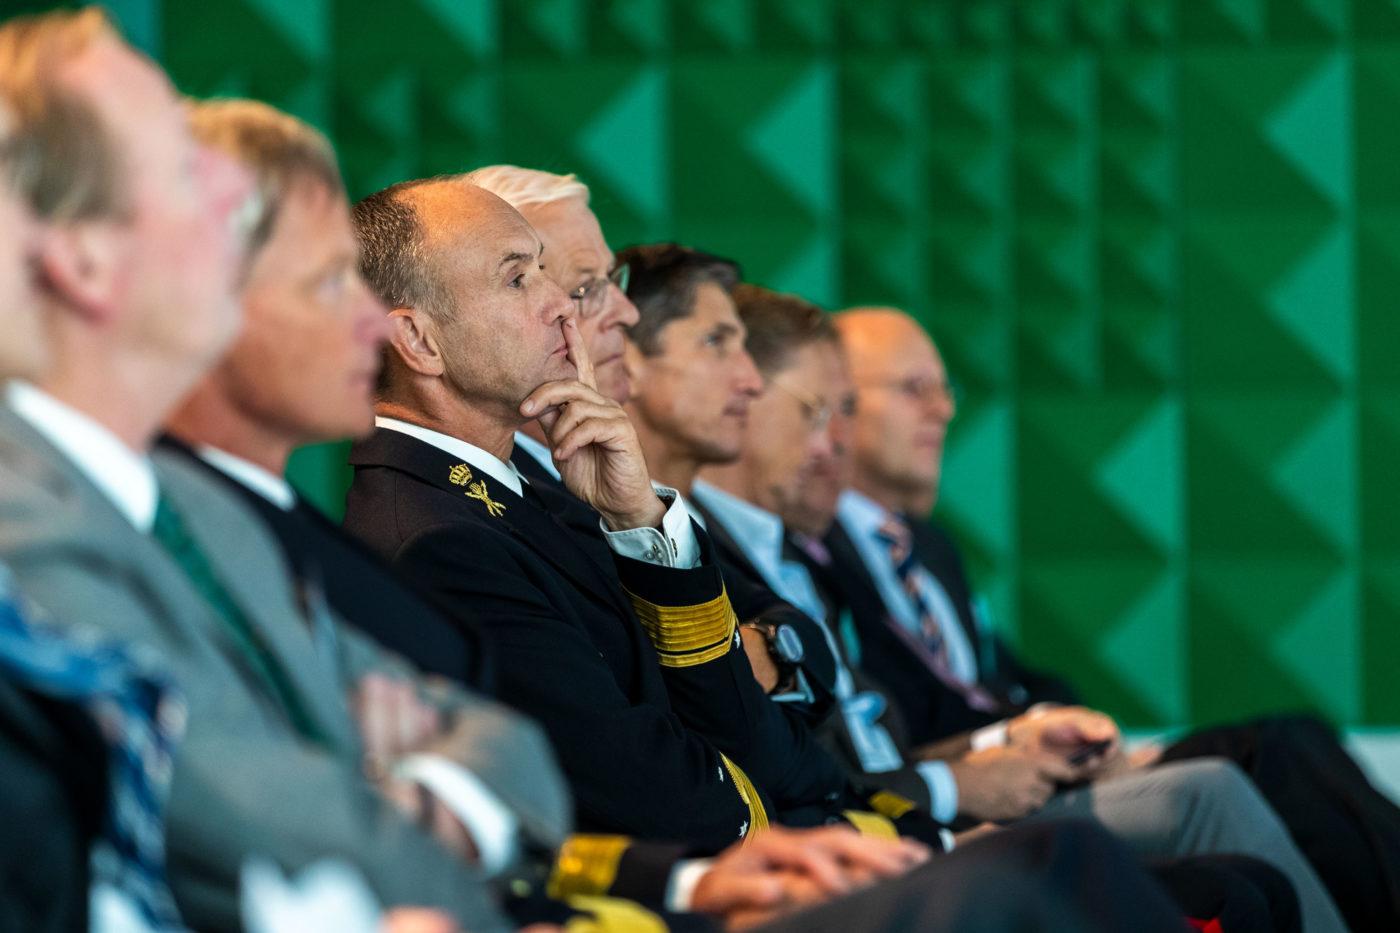 Johan de Witt Conferentie 2019